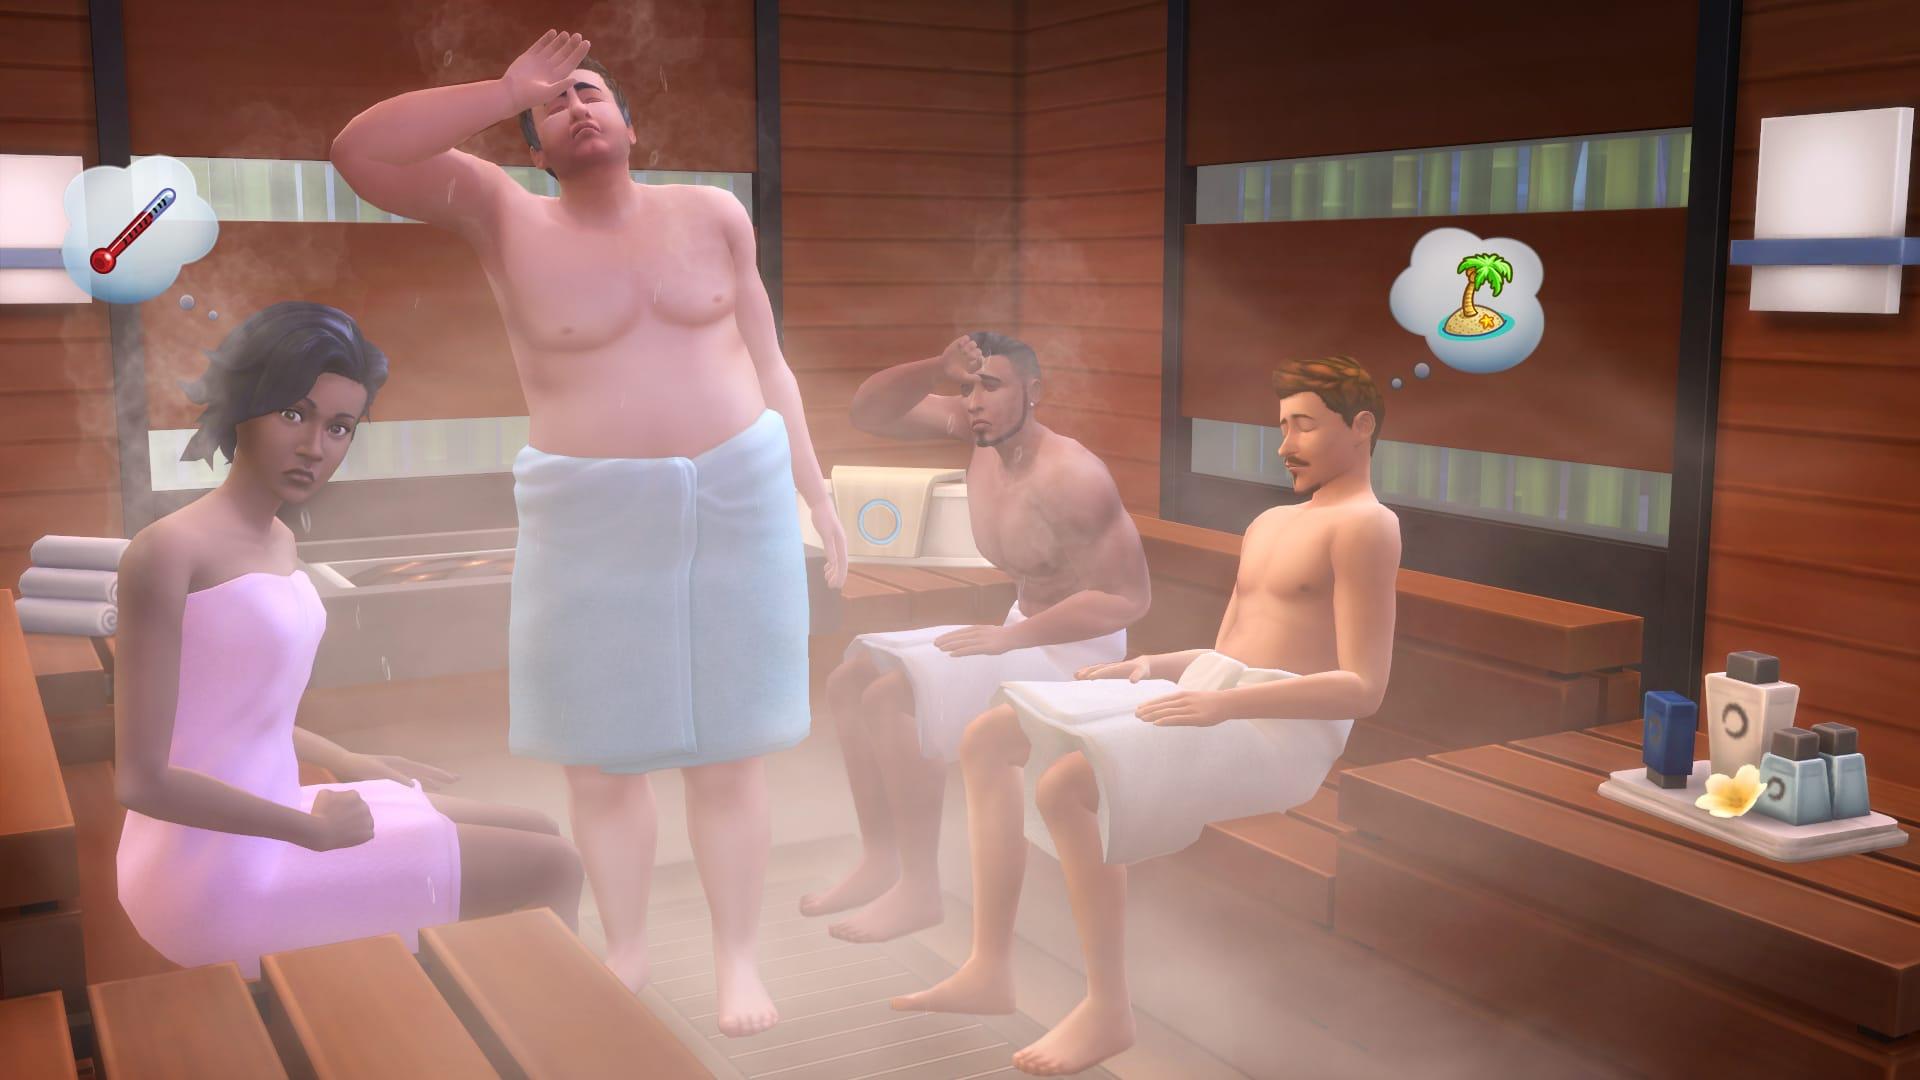 Spa Sims 4 Sauna